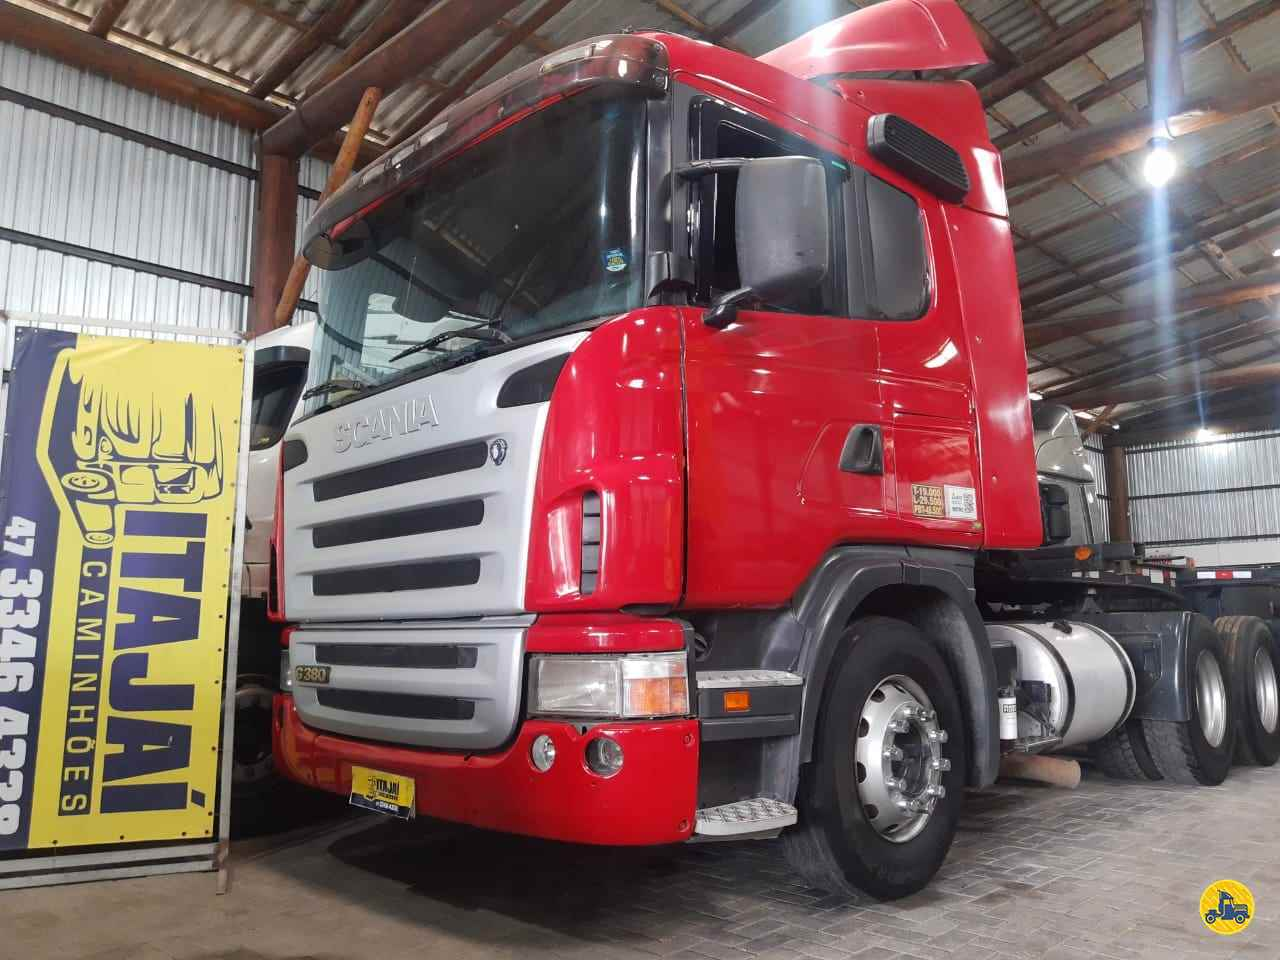 CAMINHAO SCANIA SCANIA 380 Cavalo Mecânico Truck 6x2 Itajai Caminhões NAVEGANTES SANTA CATARINA SC